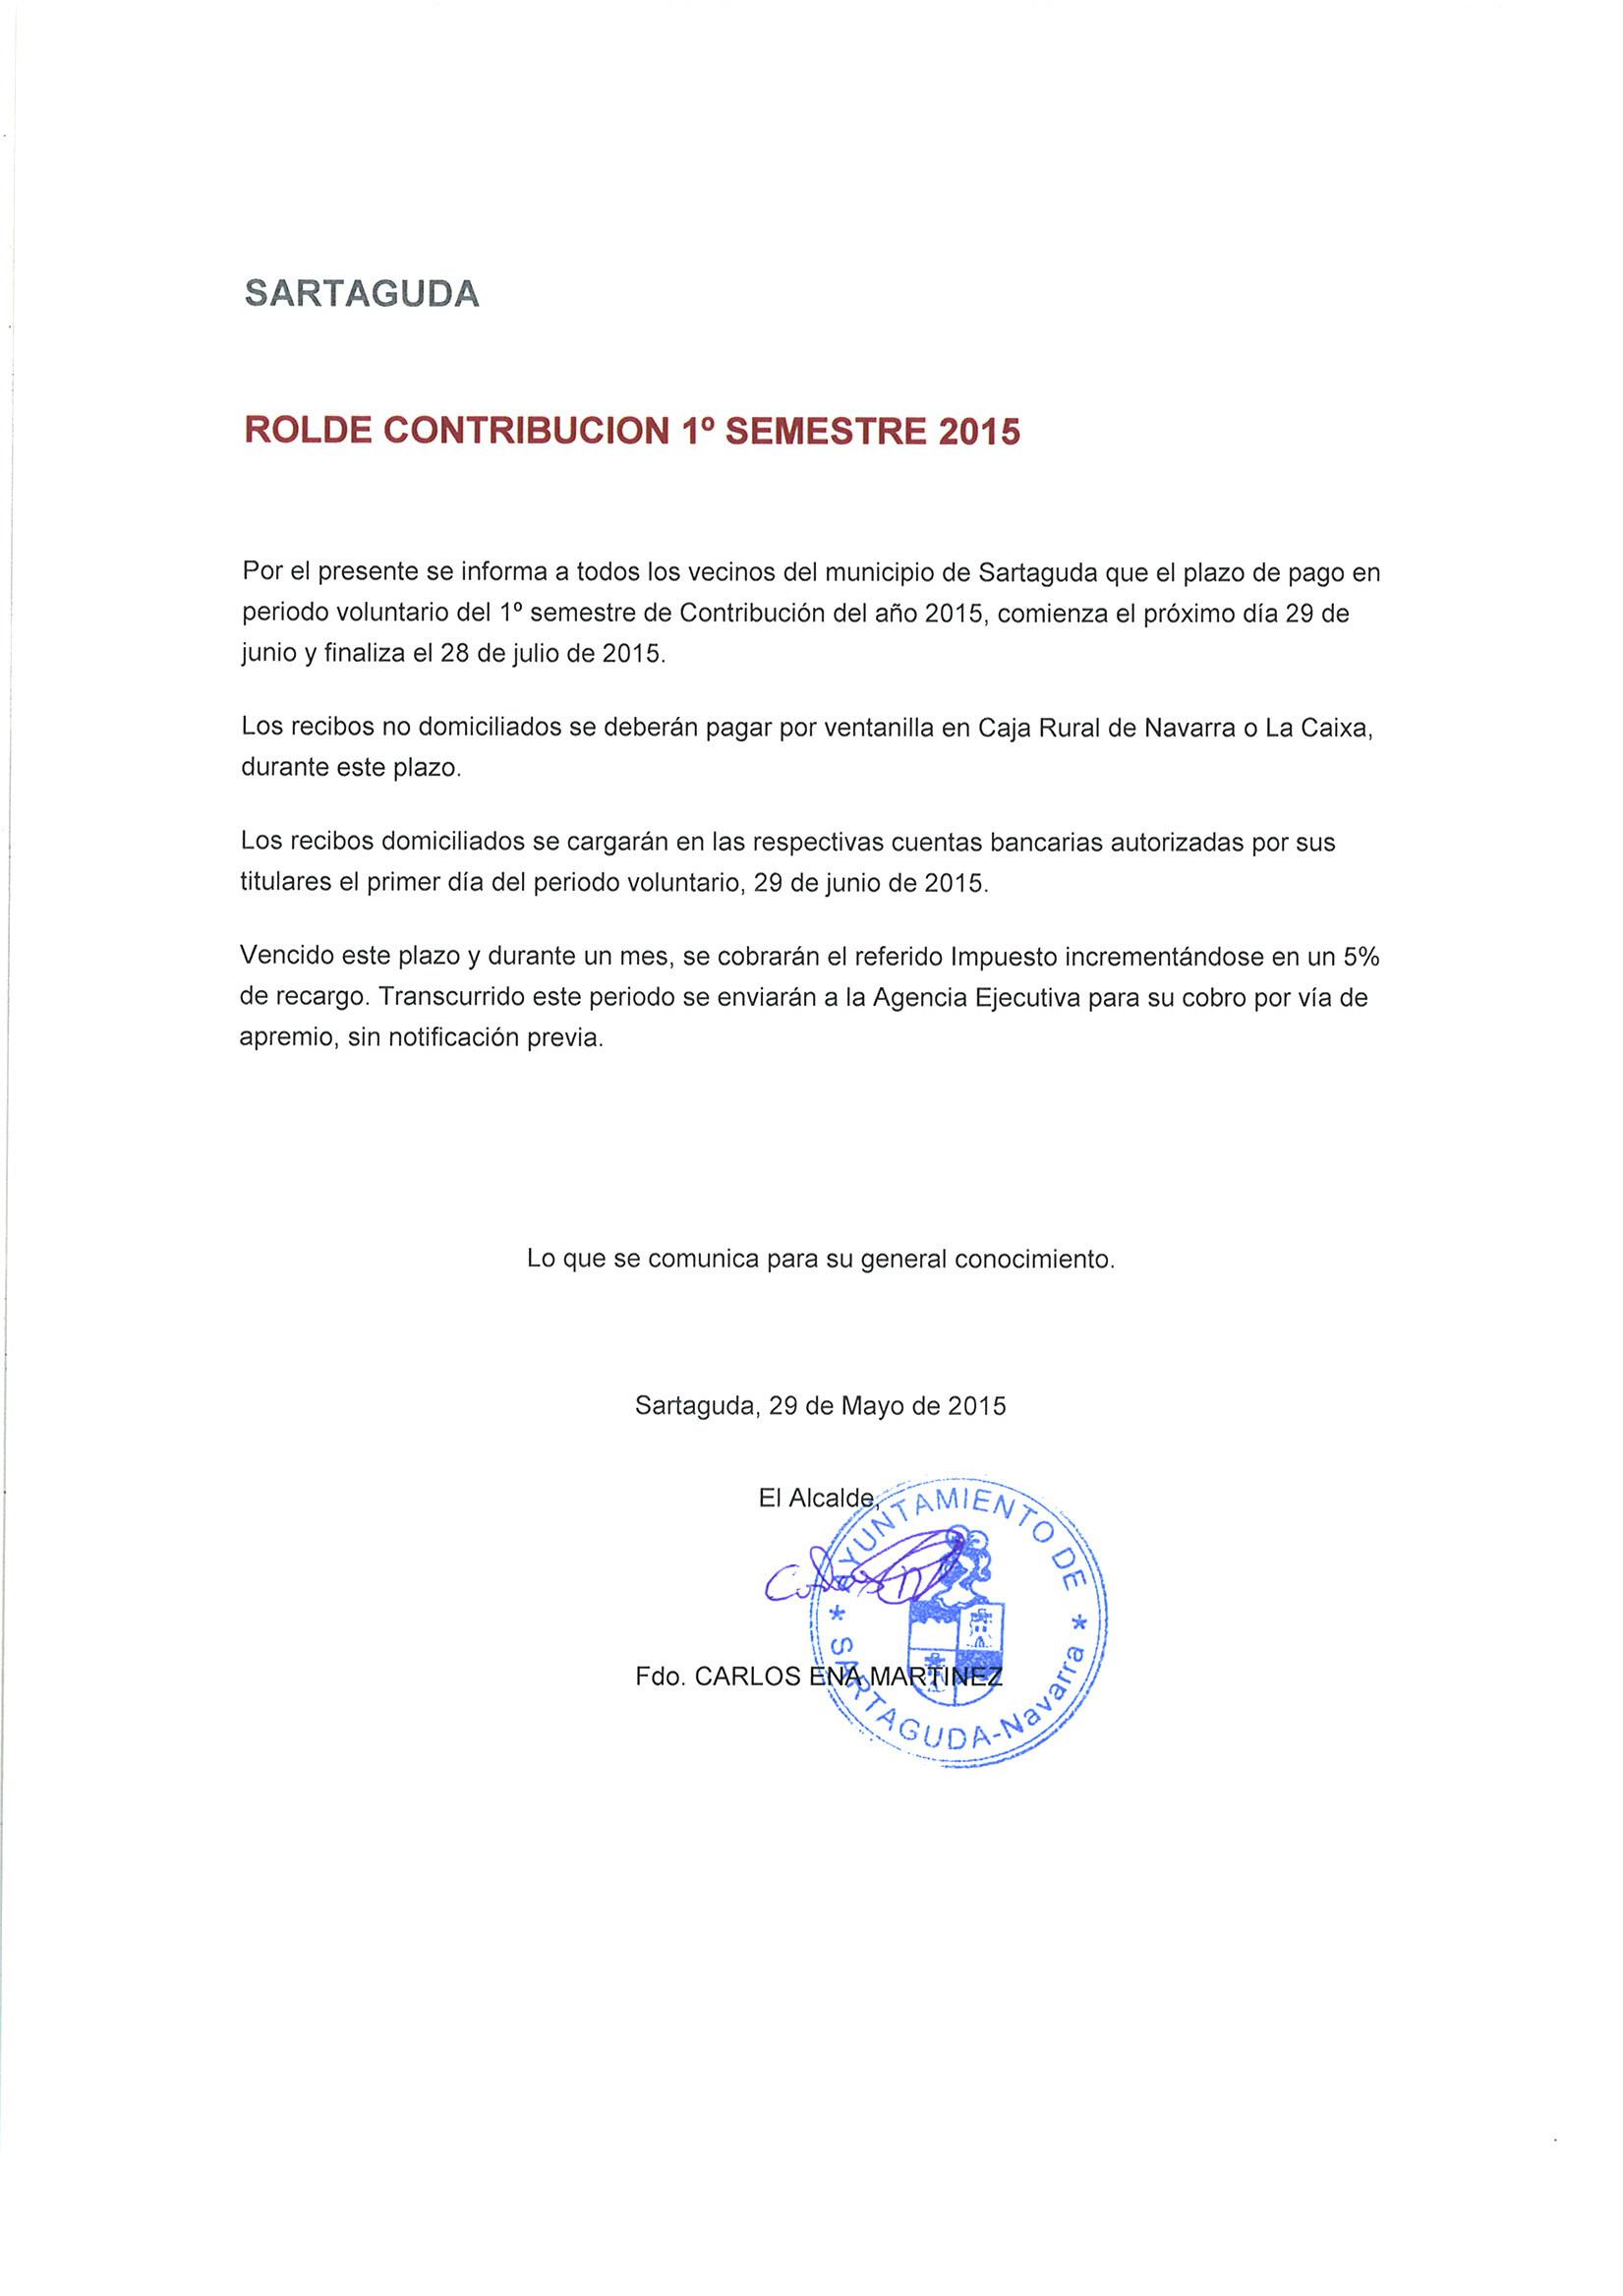 ROLDECONTRIBUCIONPRIMERSEMESTRE2015